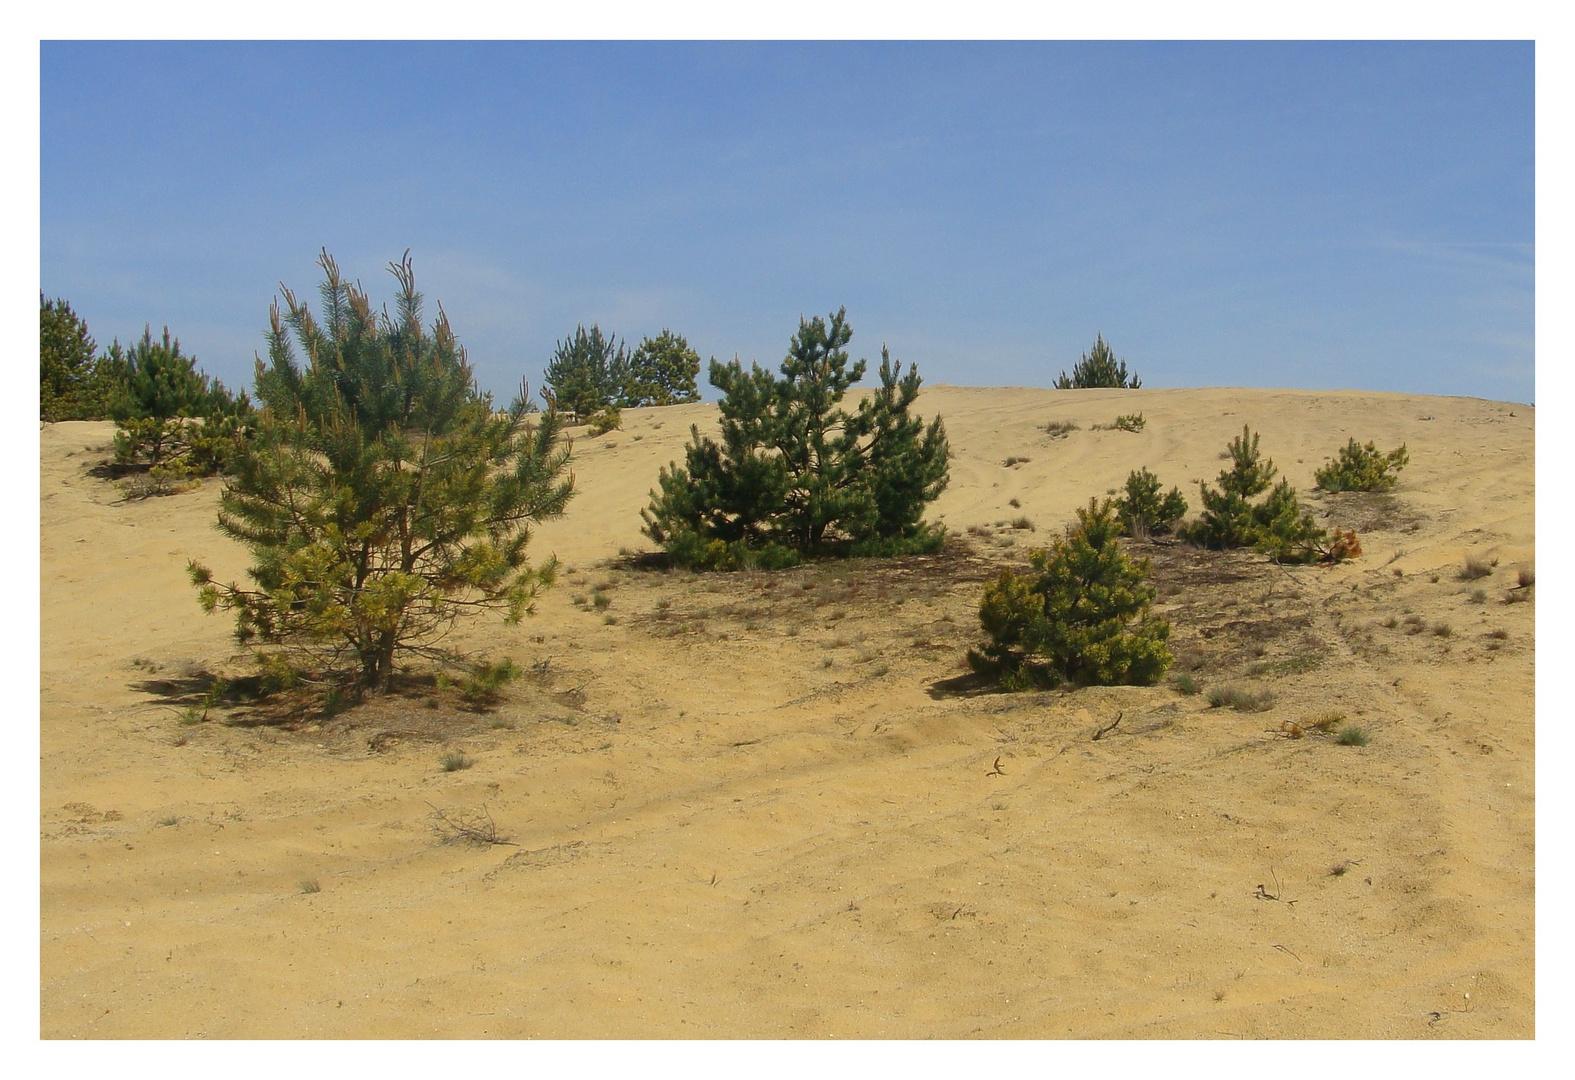 nur Sand und Kiefern